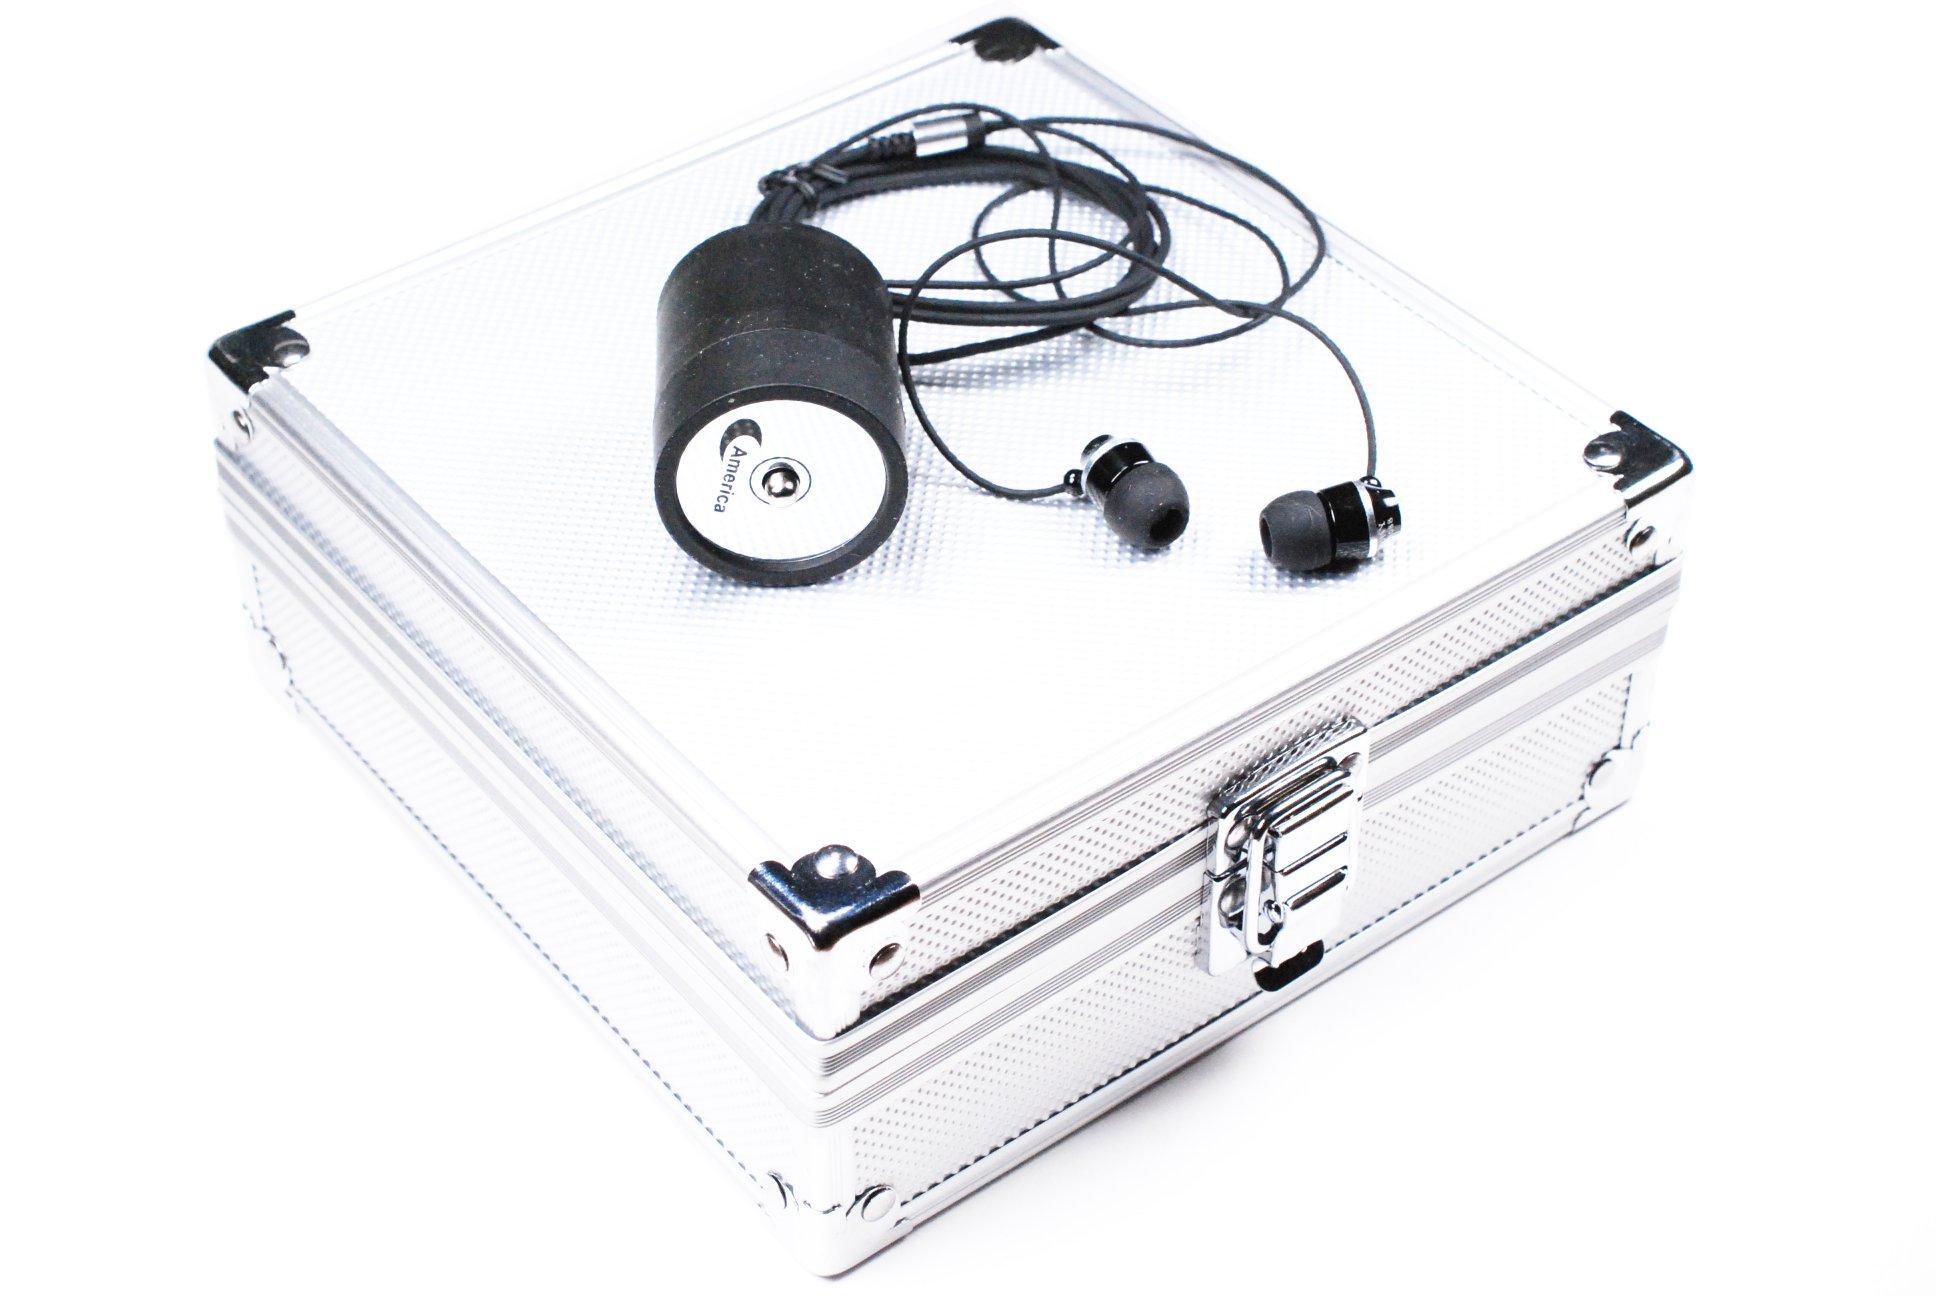 Dispozitiv de Ascultare prin Pereti/Usi [SG-41]